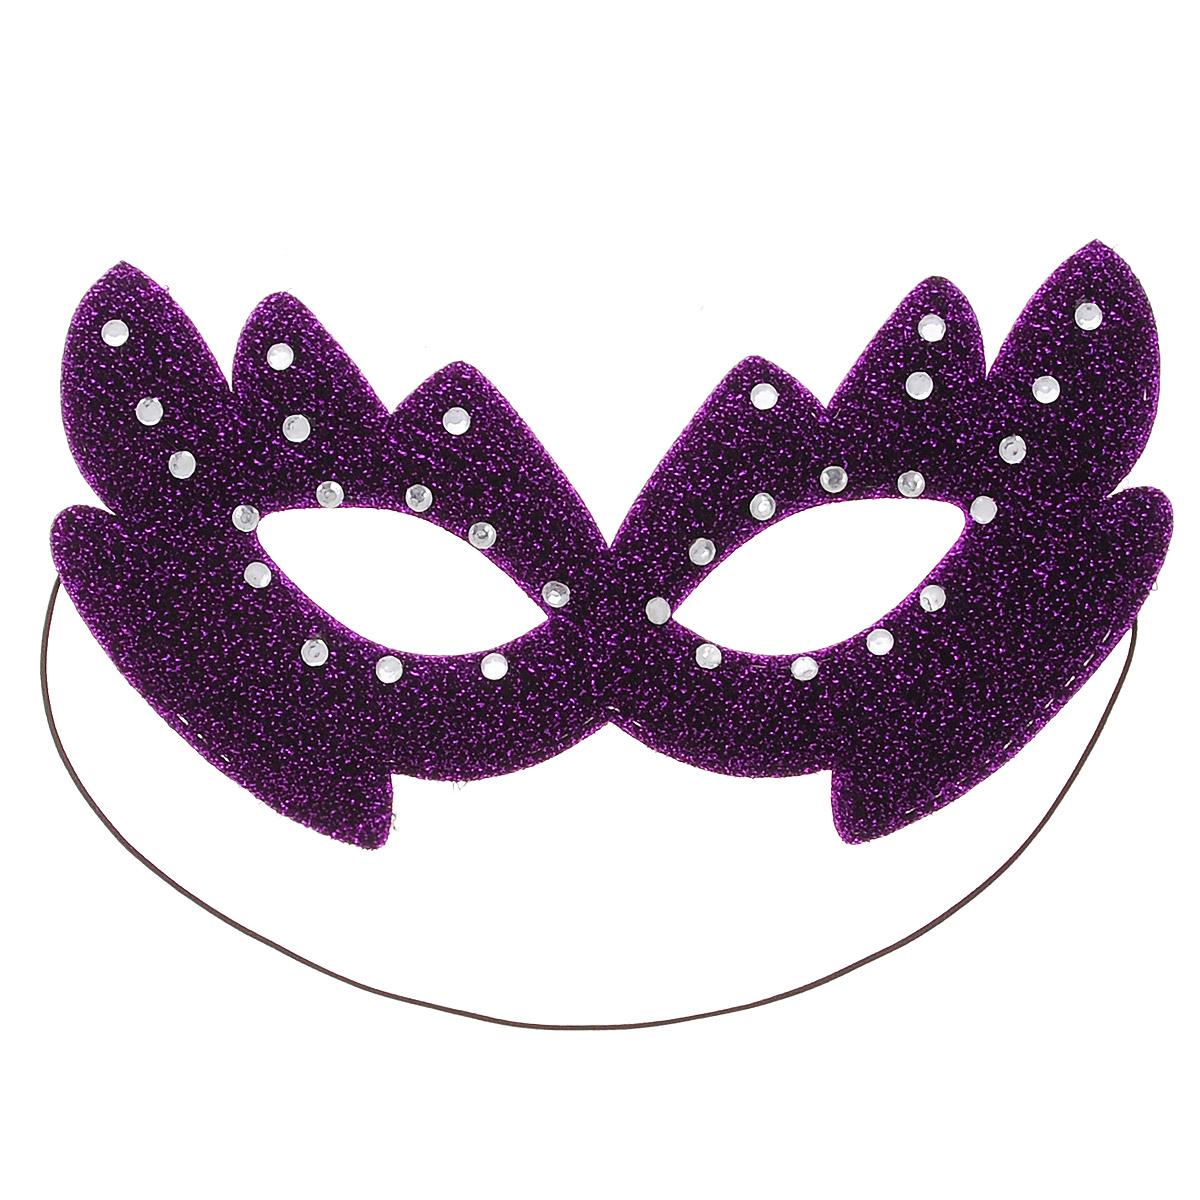 Шампания Маска карнавальная, цвет: фиолетовыйН88482_фиолетовыйКарнавальная маска Шампания из мягкого материала, украшенная блестками и стразами, внесет нотку задора и веселья в праздник. Маска станет завершающим штрихом в создании праздничного образа. Карнавальная маска держится при помощи резинки. В этой роскошной маске вы будете неотразимы!